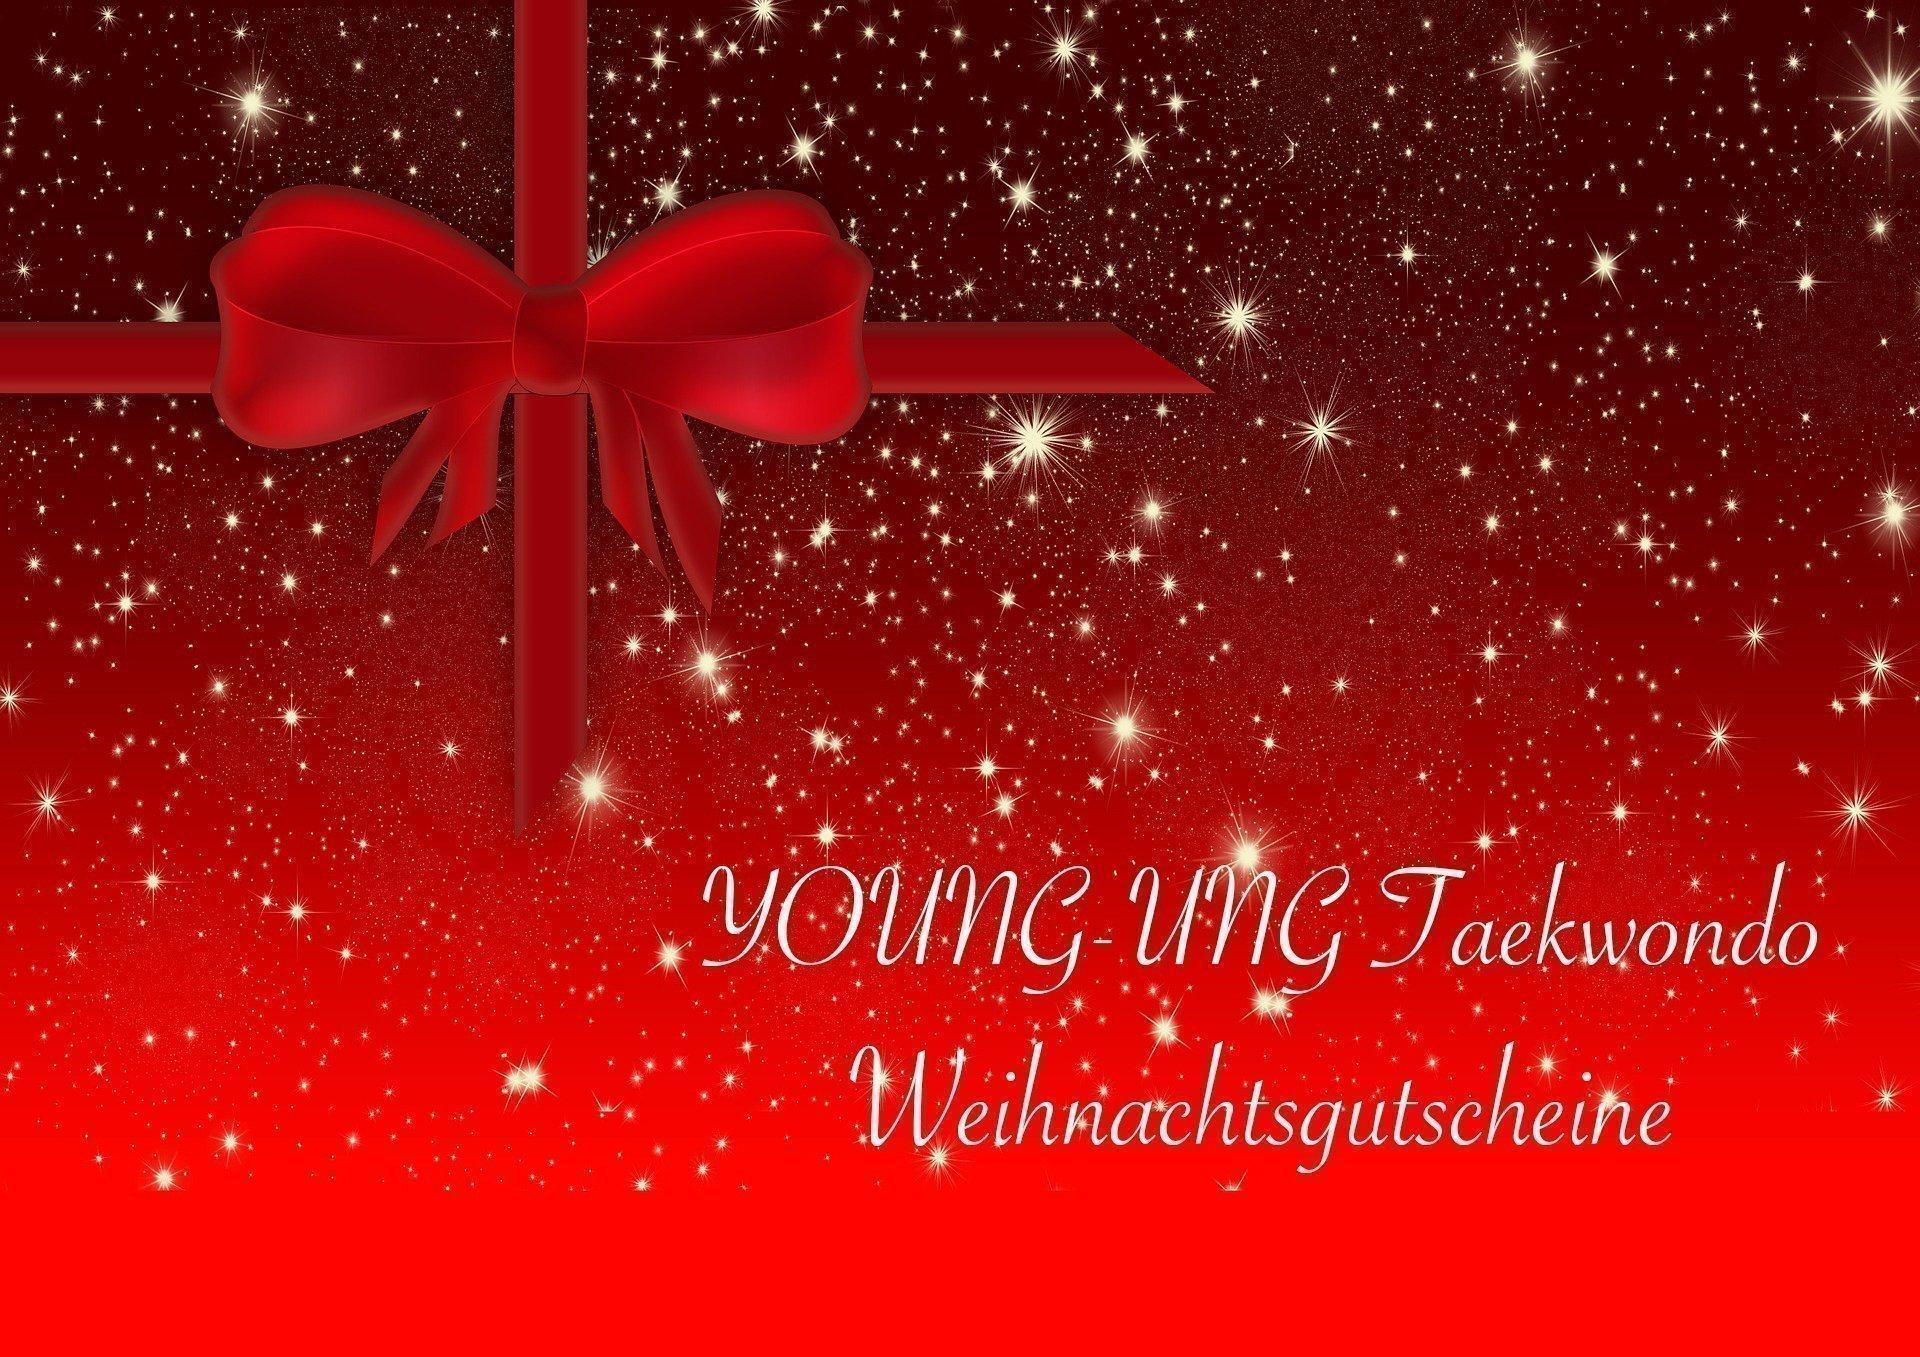 Bild zu Geschenkidee: Weihnachtsgutscheine!